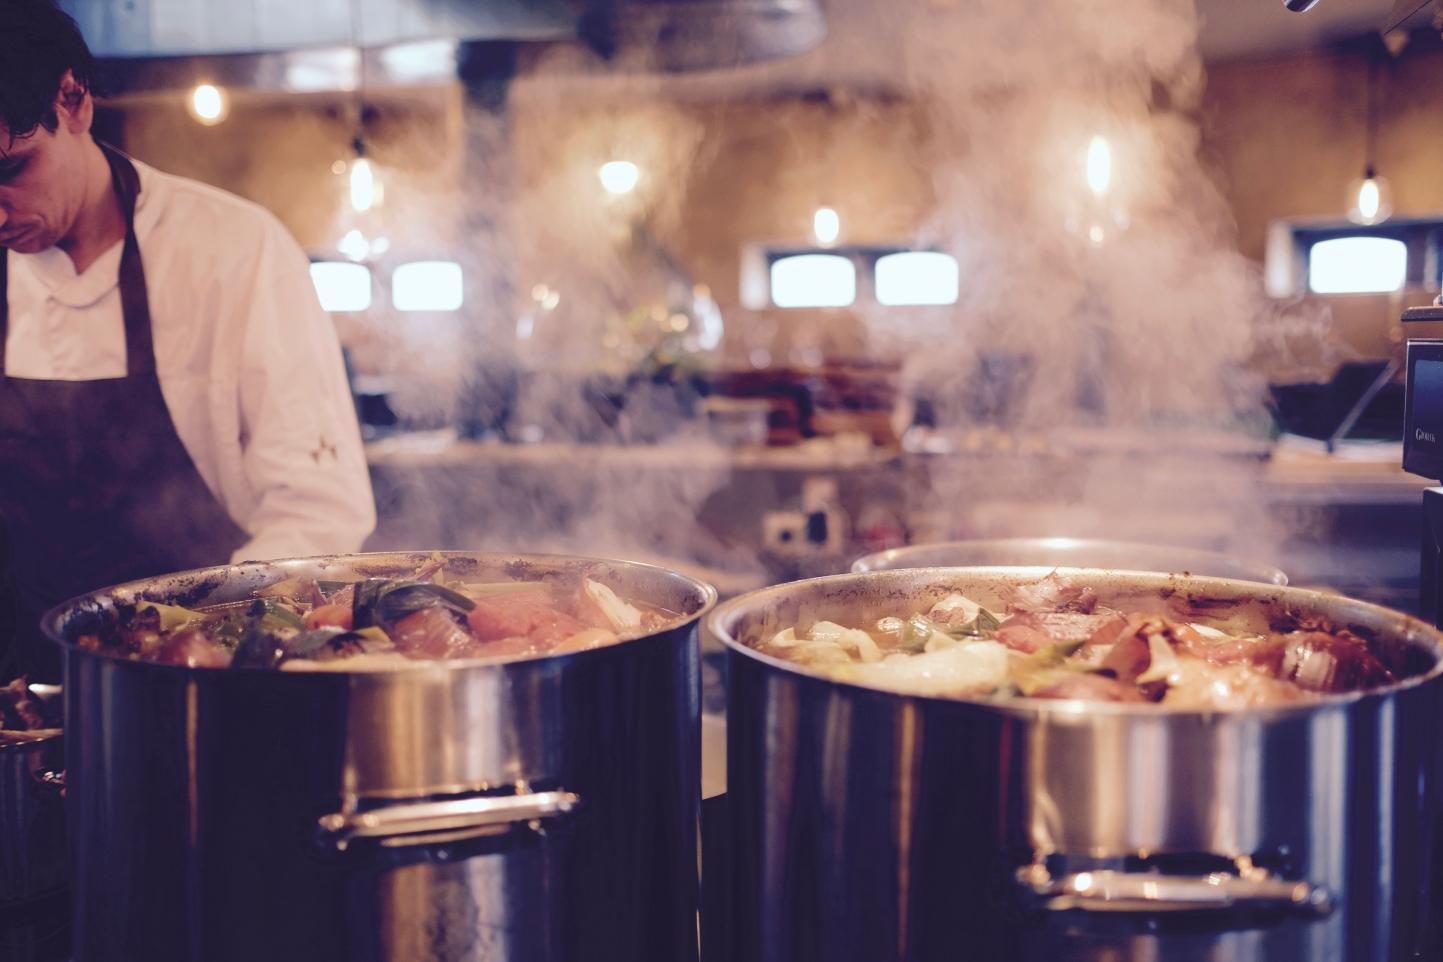 Ein stark reduzierter CO2- Fußabdruck durch gemeinschaftliches Wohnen. Kochen in der Großküche spart bis zu 90% Energie.